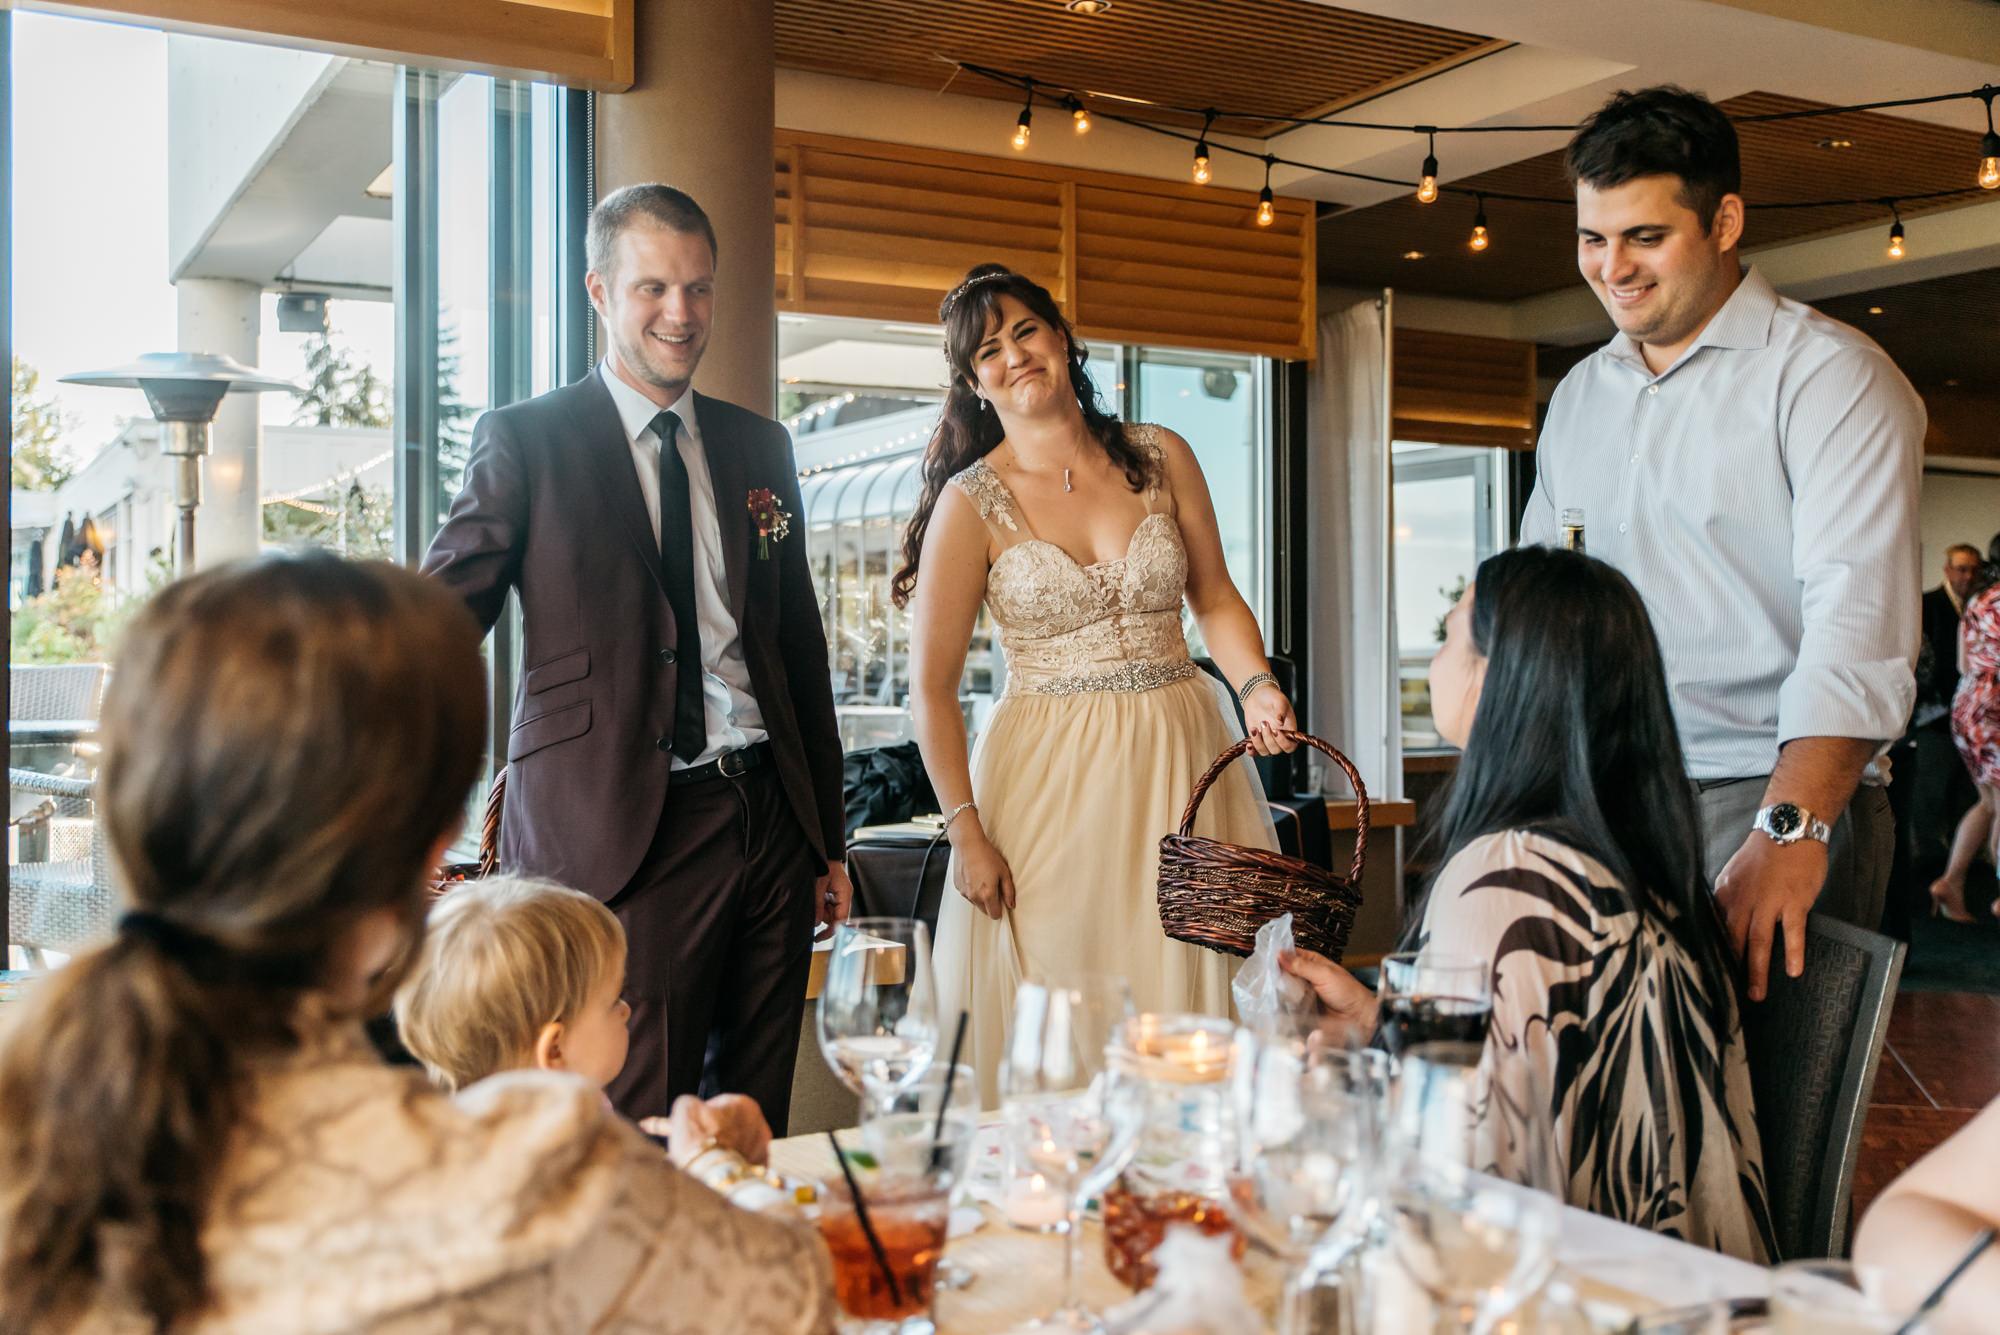 180820hollyburn_country_club_wedding_photographer_reception8.jpg